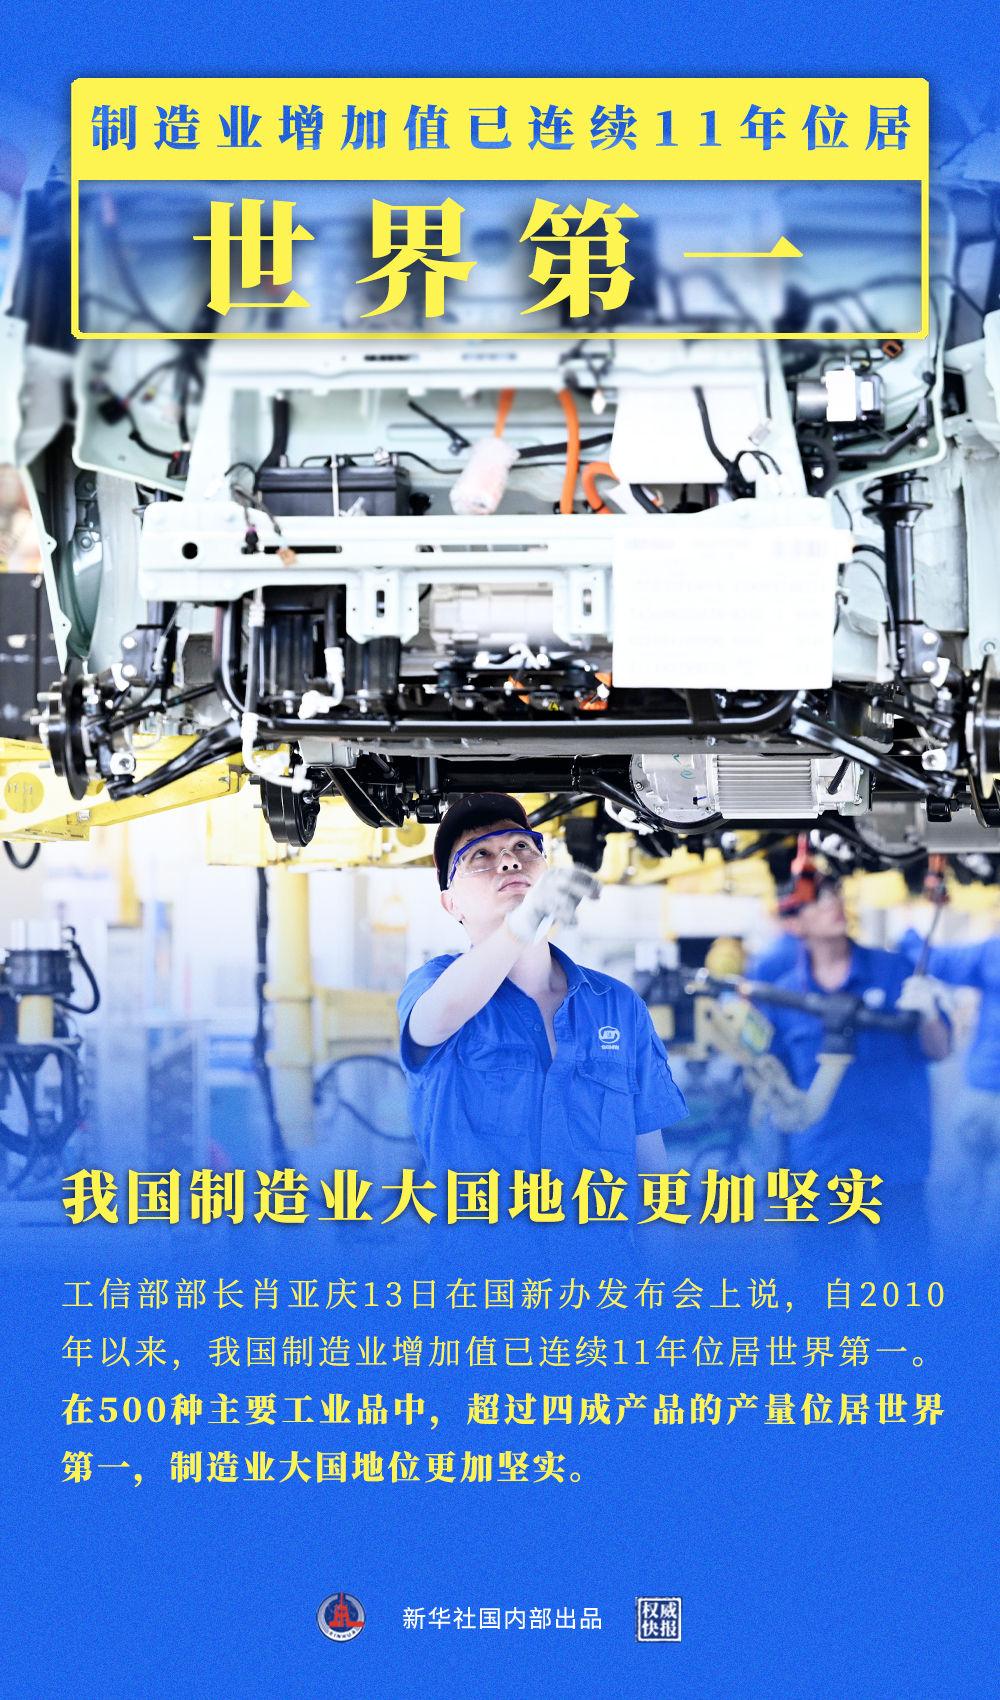 权威快报 我国制造业增加值连续11年位居世界第一